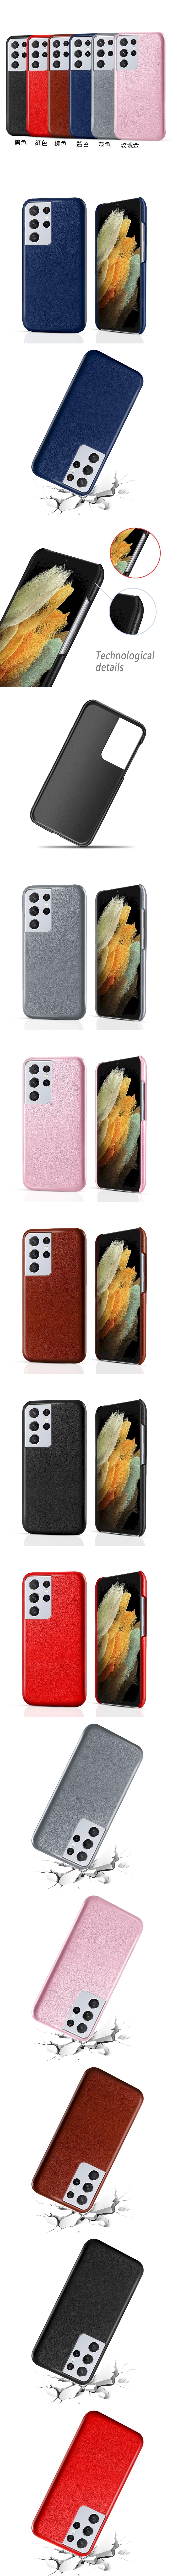 皮革保護殼(PLAIN) - 牛皮仿真皮紋單色素色背蓋油蠟感保護套手機殼手機套